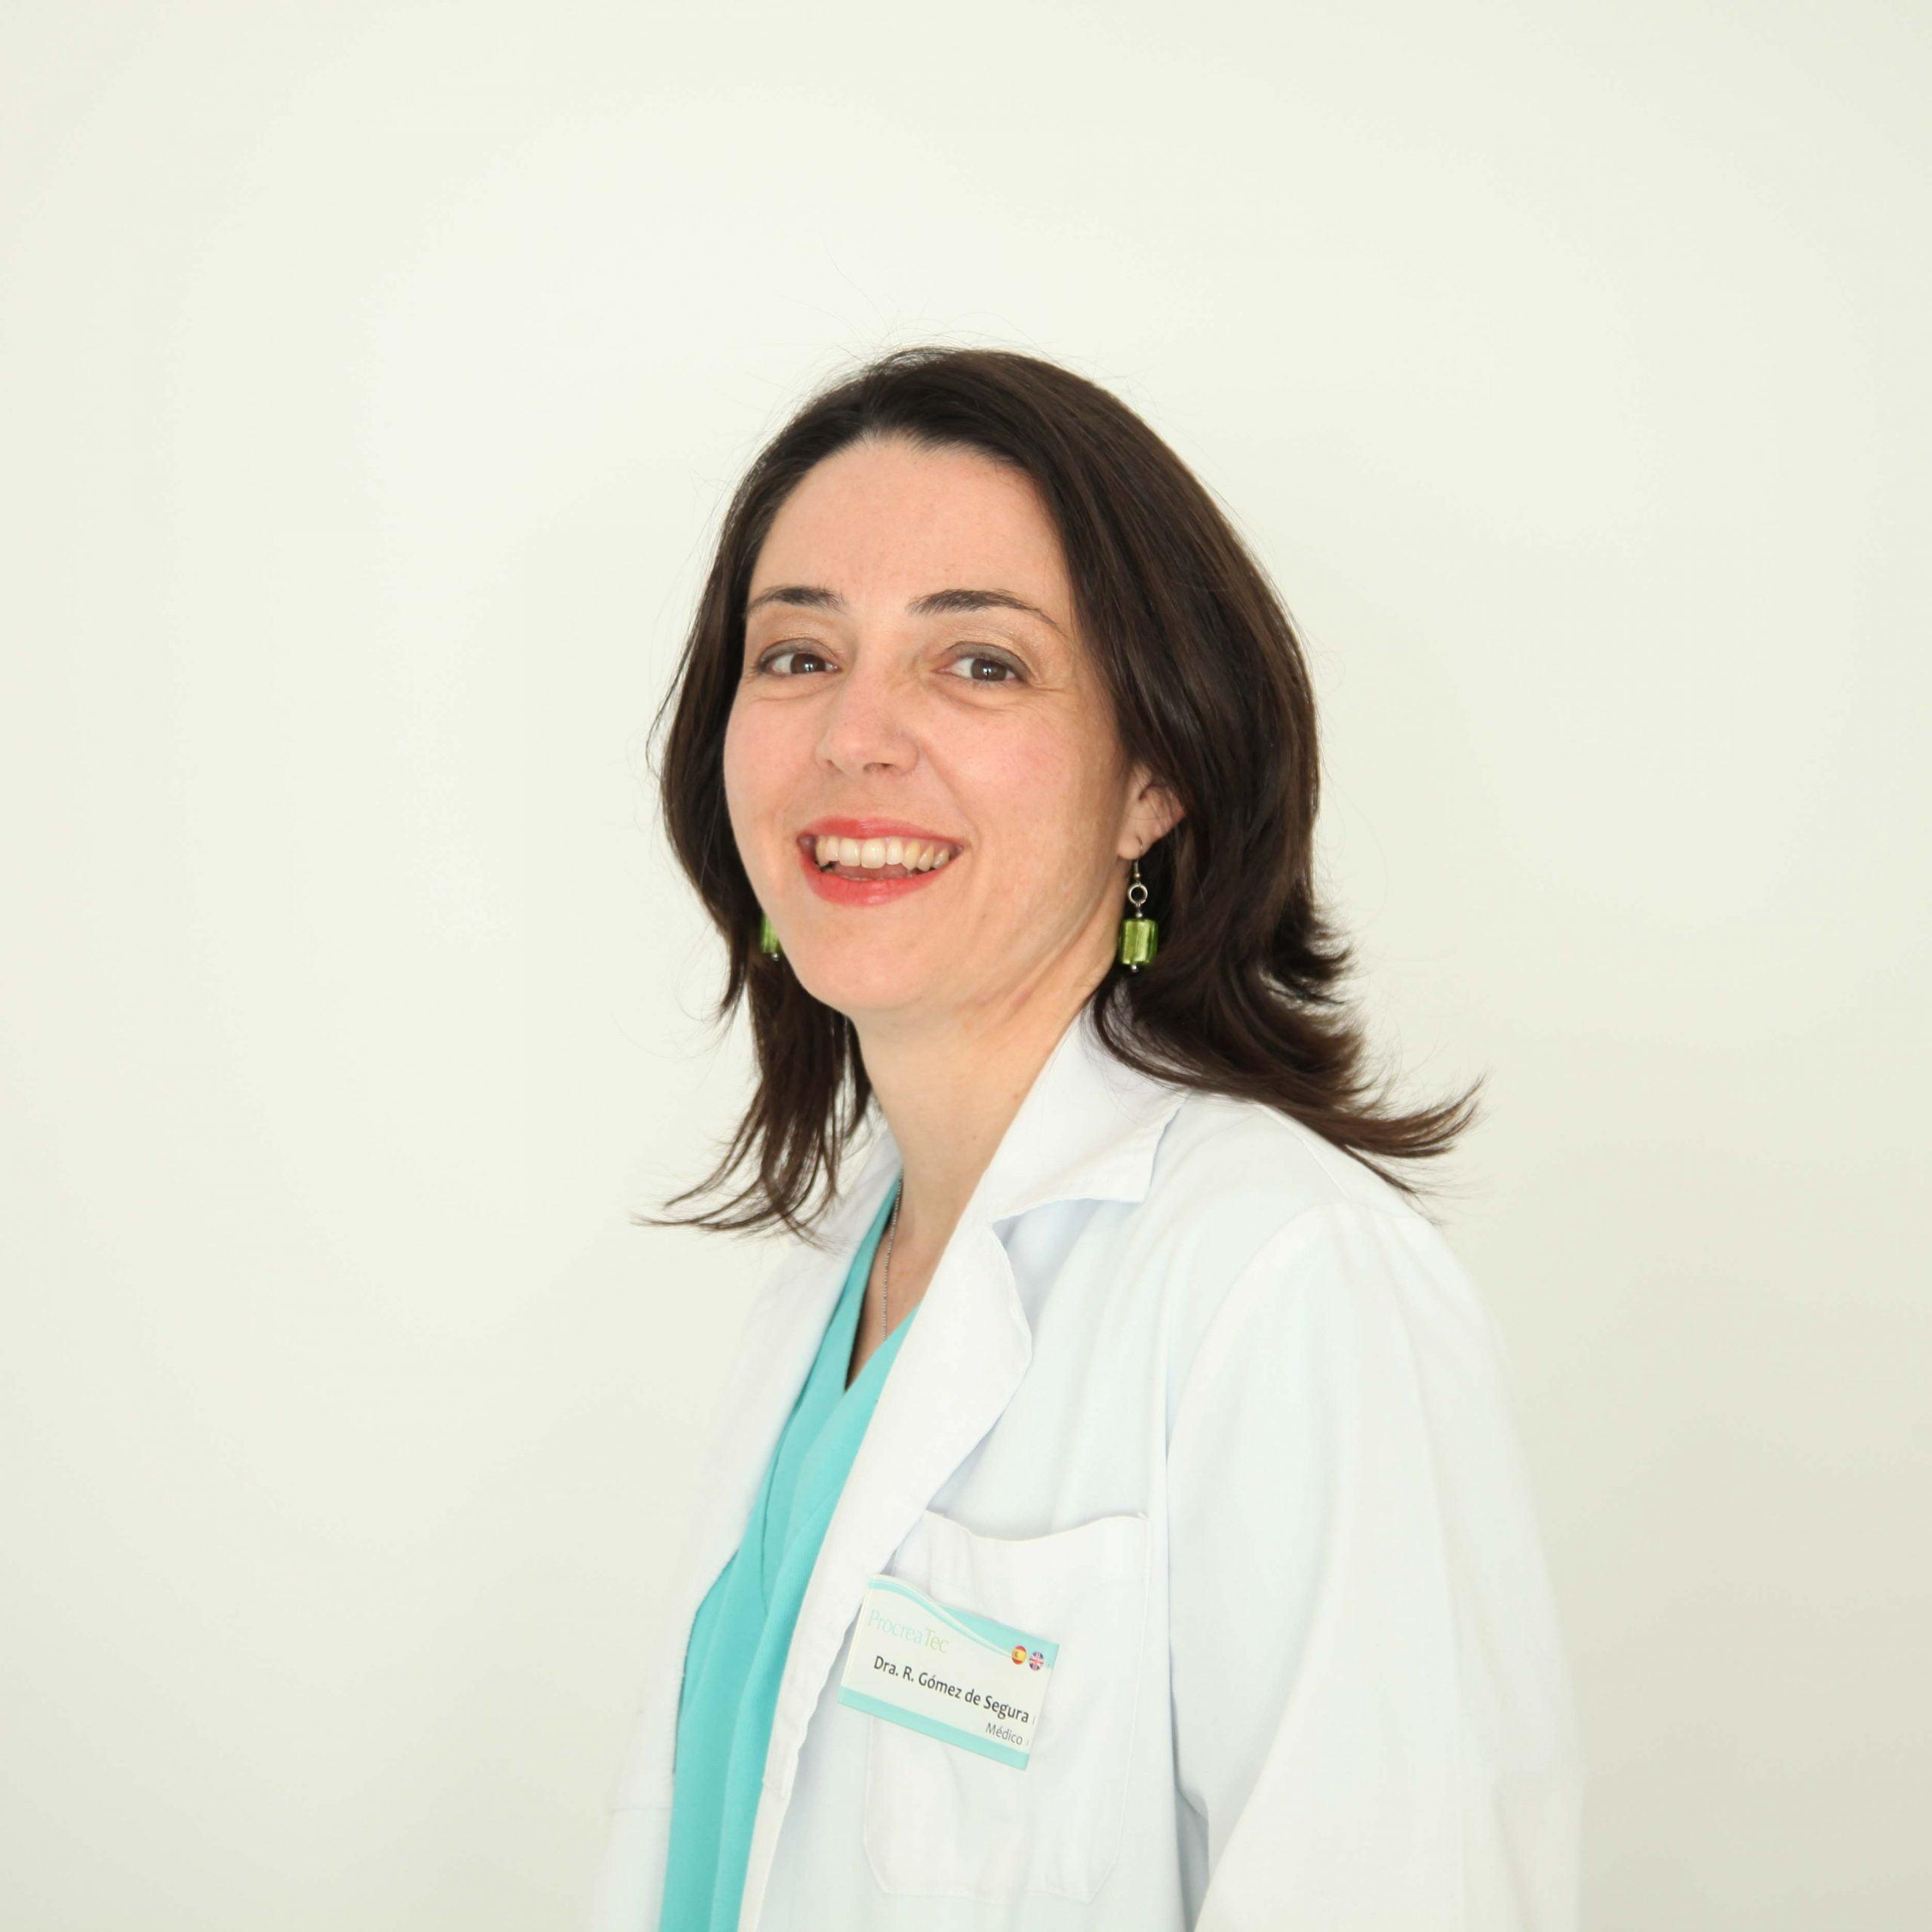 Dra. Rut Gómez de Segura